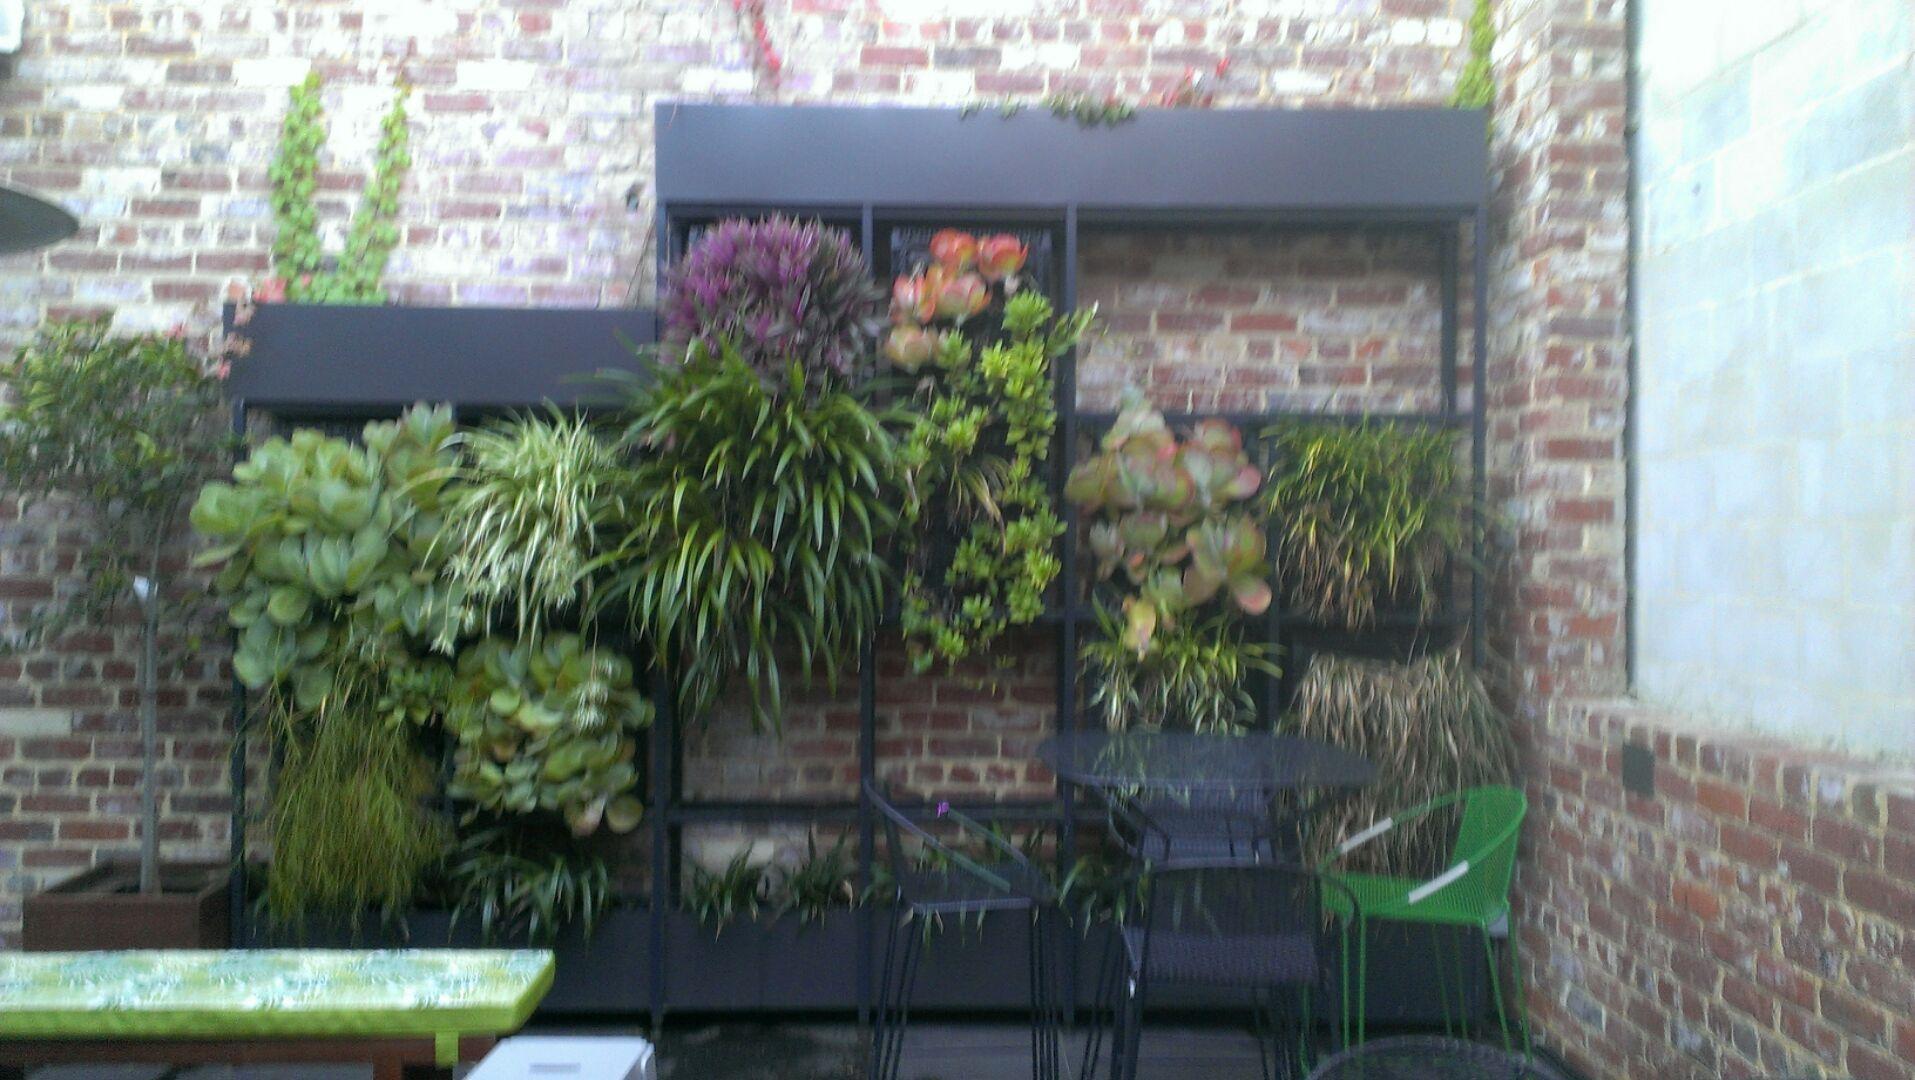 Wall Art Designs: Beautiful Design Garden Wall Art, Outdoor Patio Throughout Garden Wall Art (View 11 of 20)